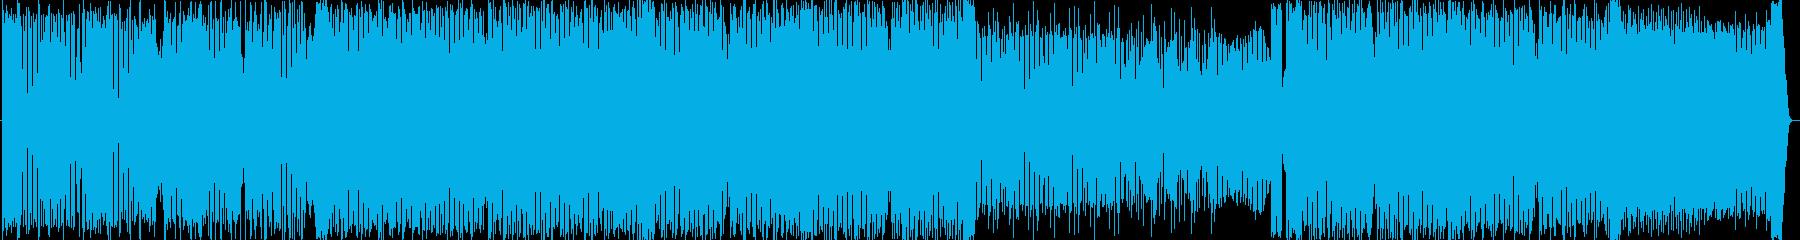 グイグイ前に引っ張っていく雰囲気のテクノの再生済みの波形